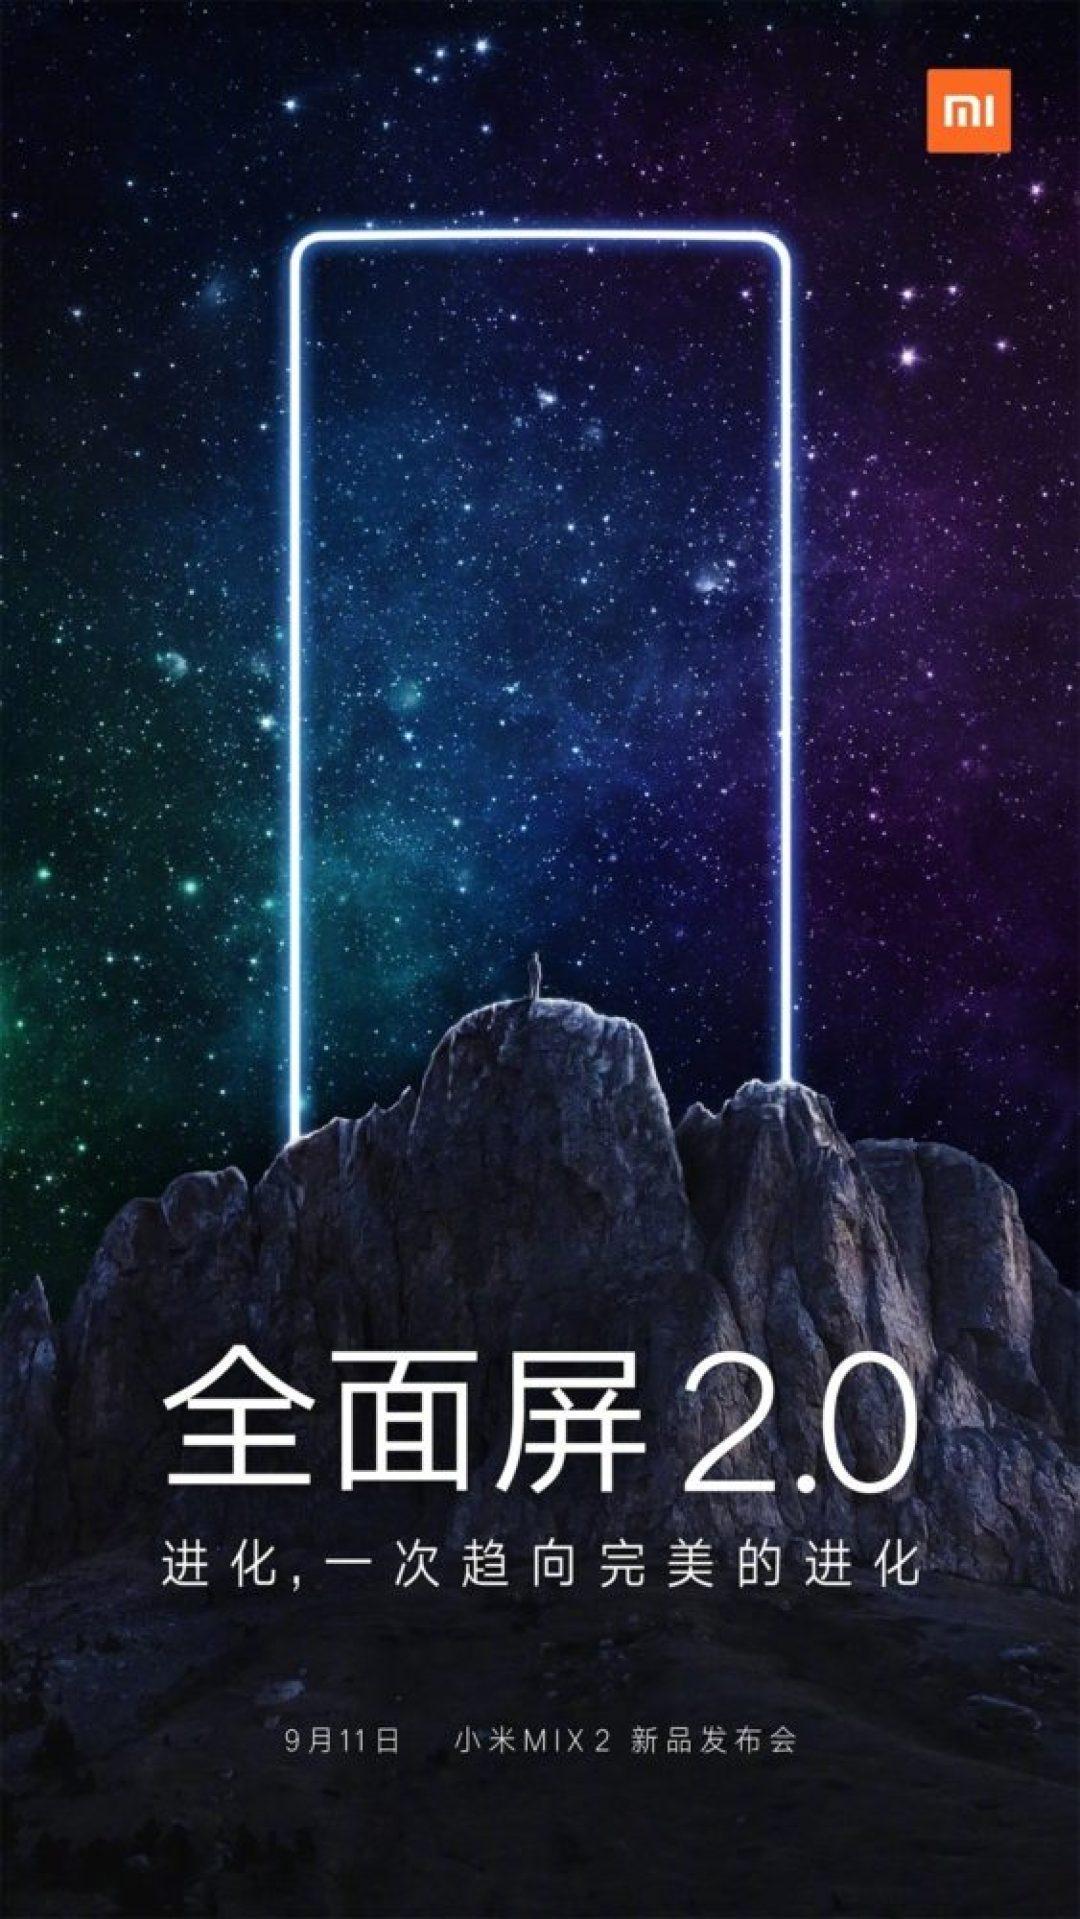 Xiaomi Mi MIX 2 Release Date Poster